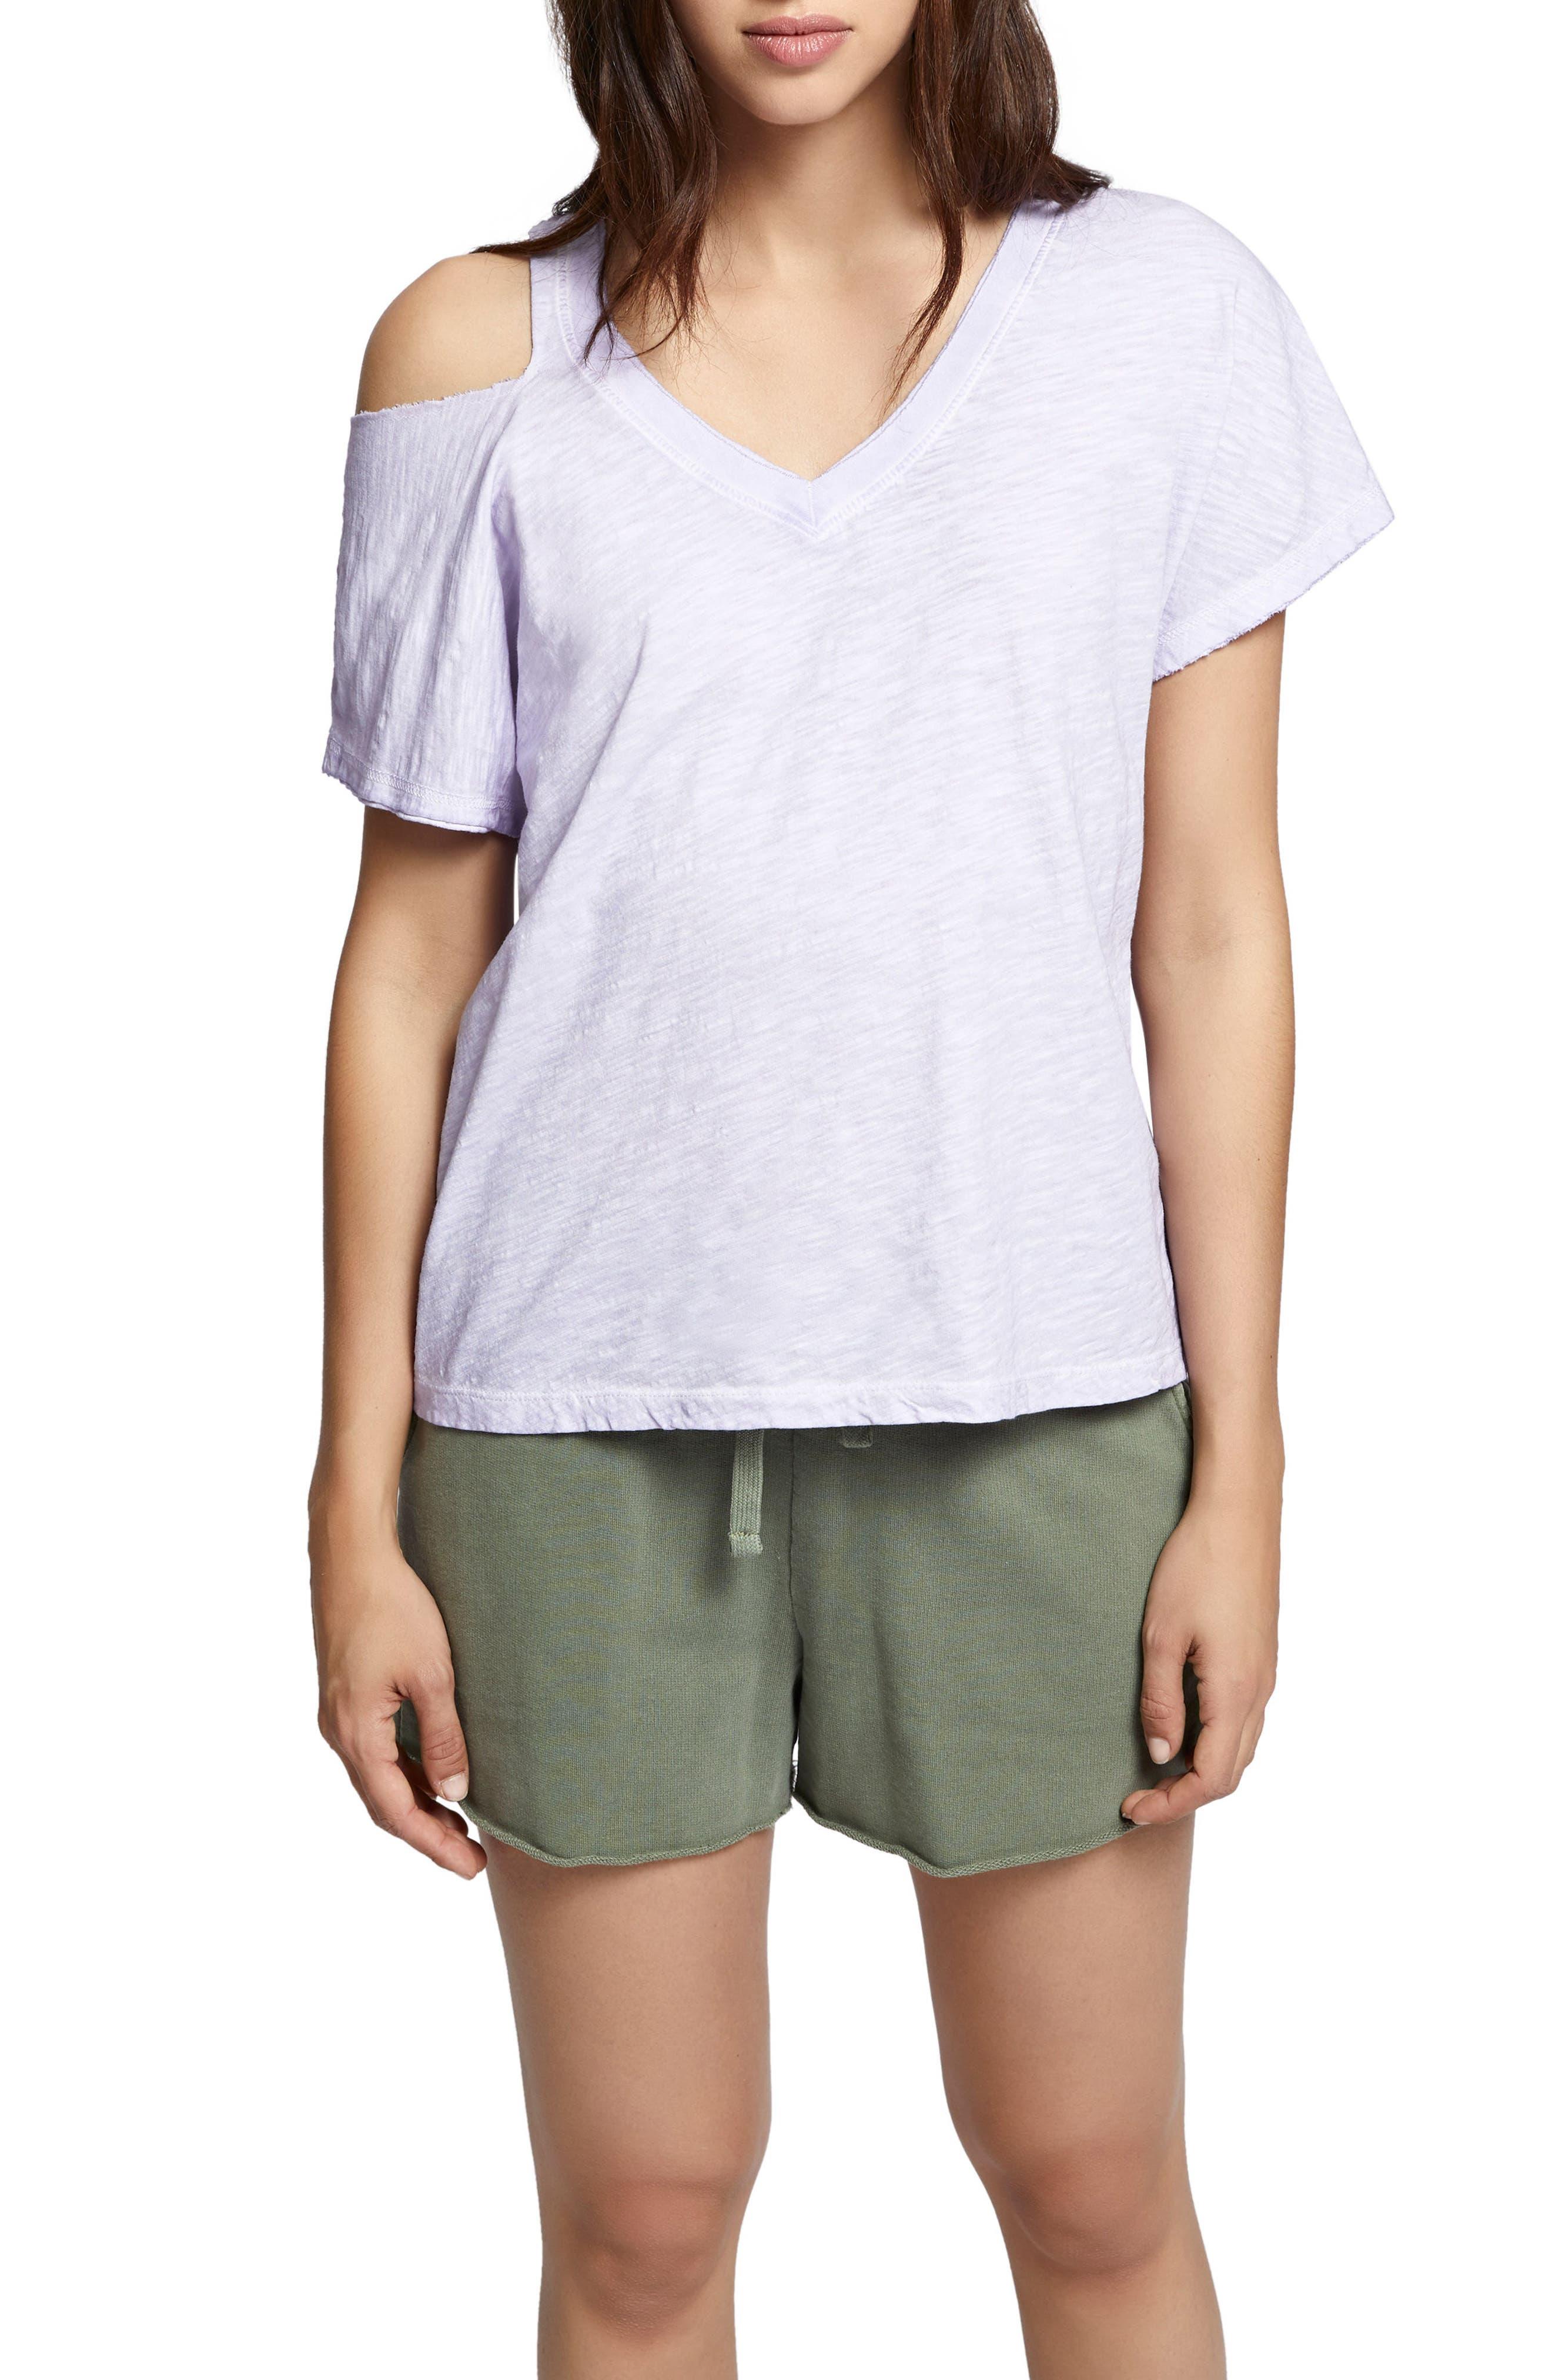 Sanctuary Shoulder Cutout Cotton Top